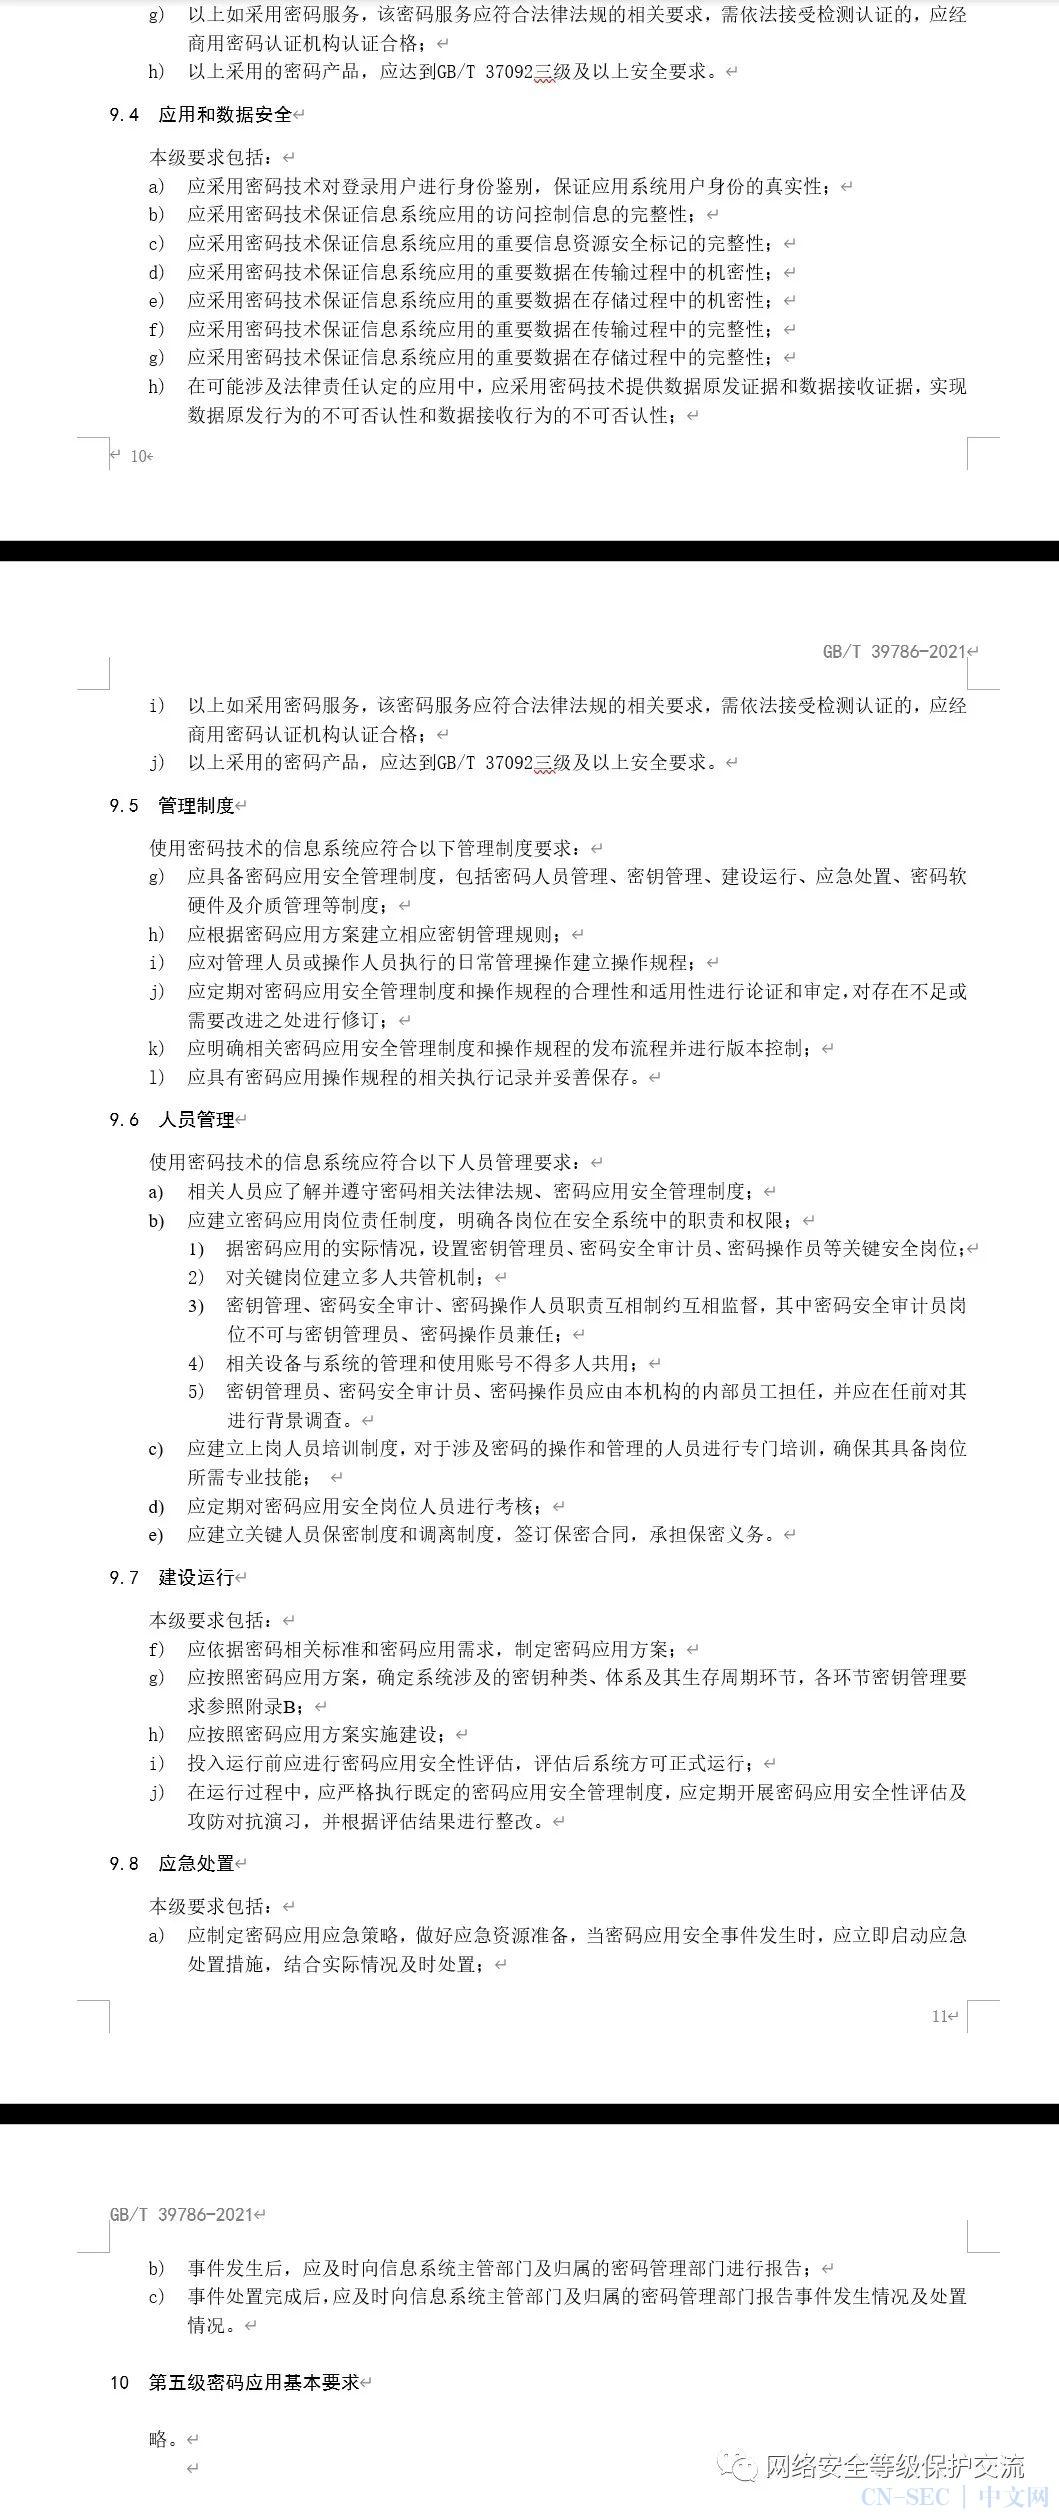 GB∕T 39786-2021 信息安全技术 信息系统密码应用基本要求.doc